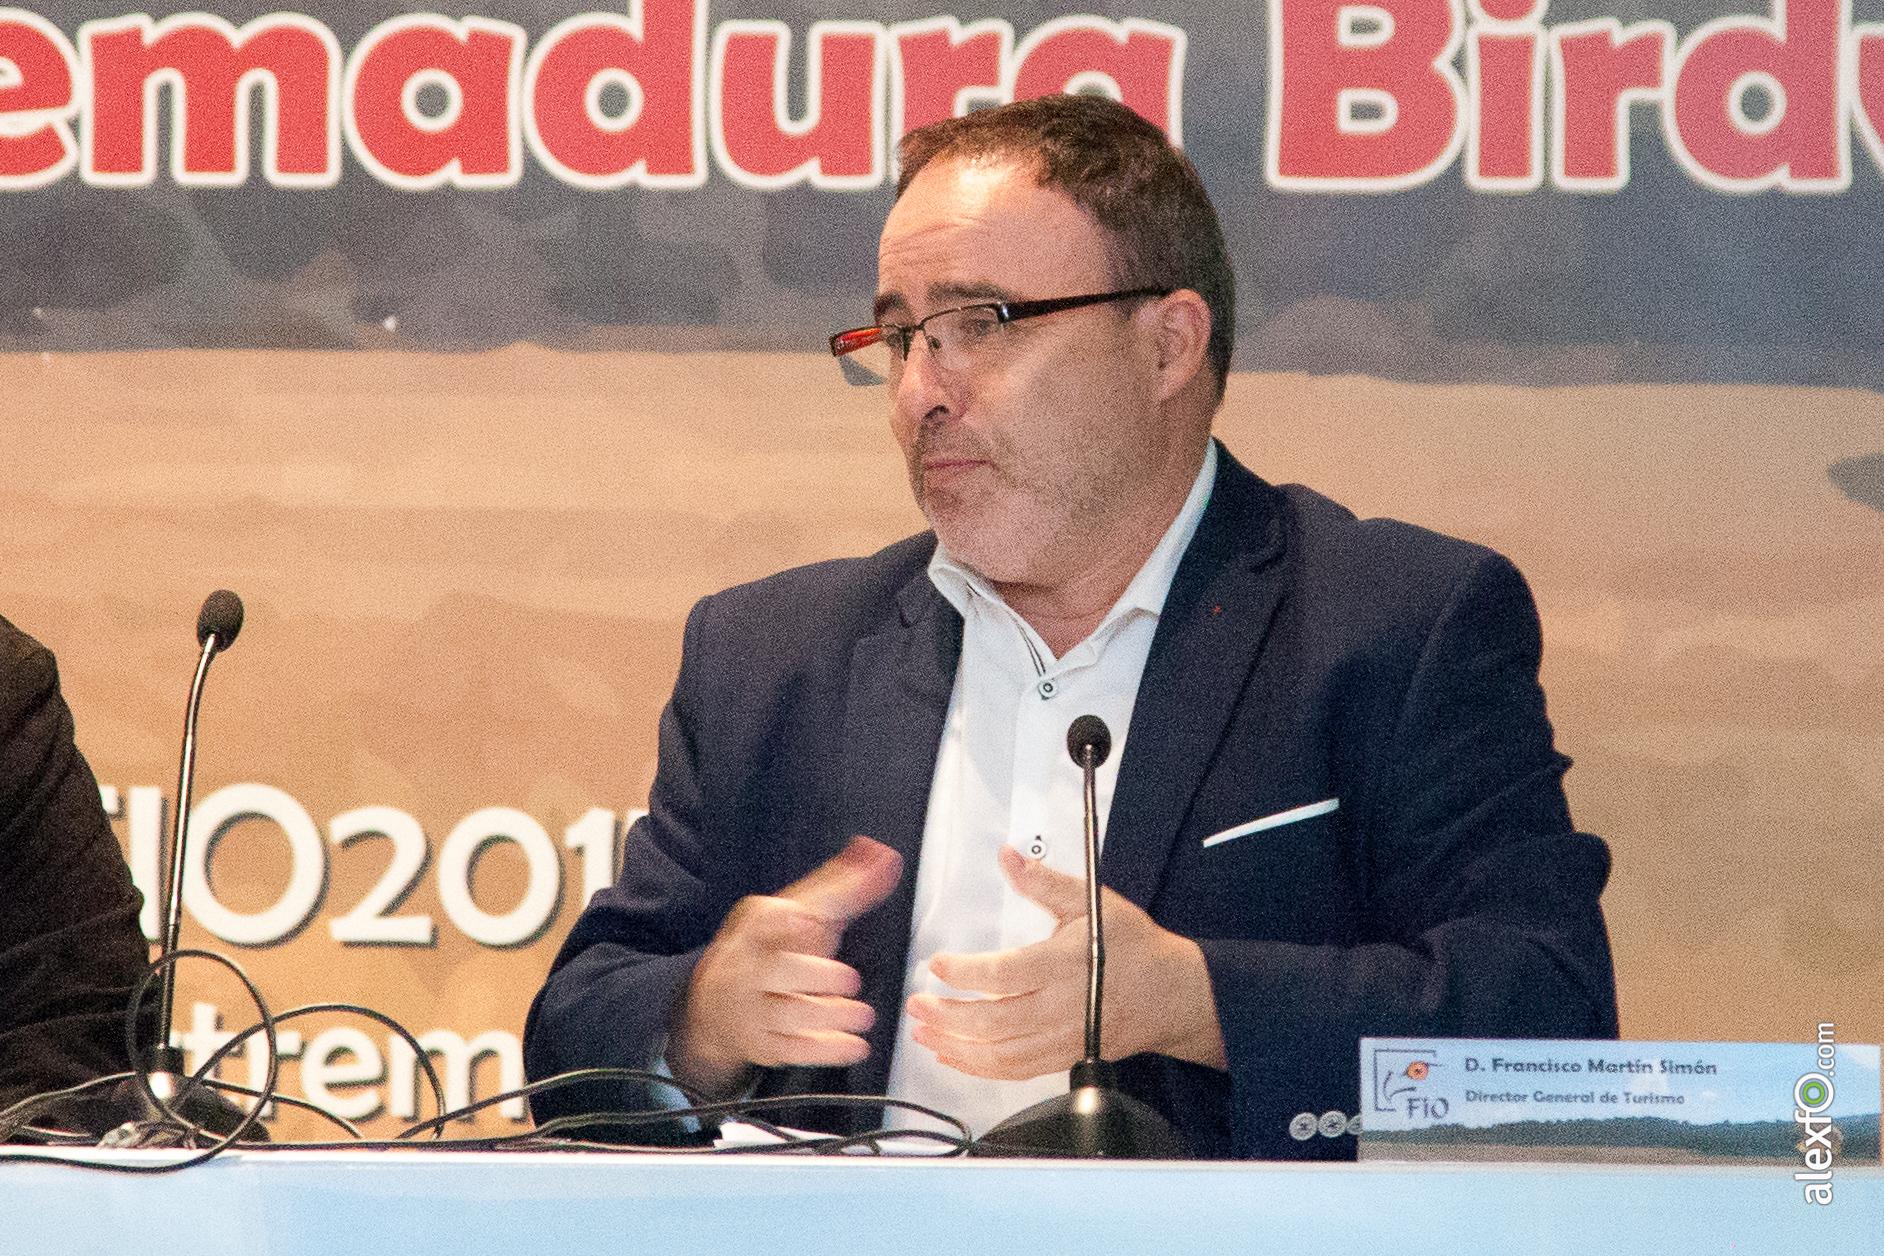 Francisco Martín Simón en FIO 2017